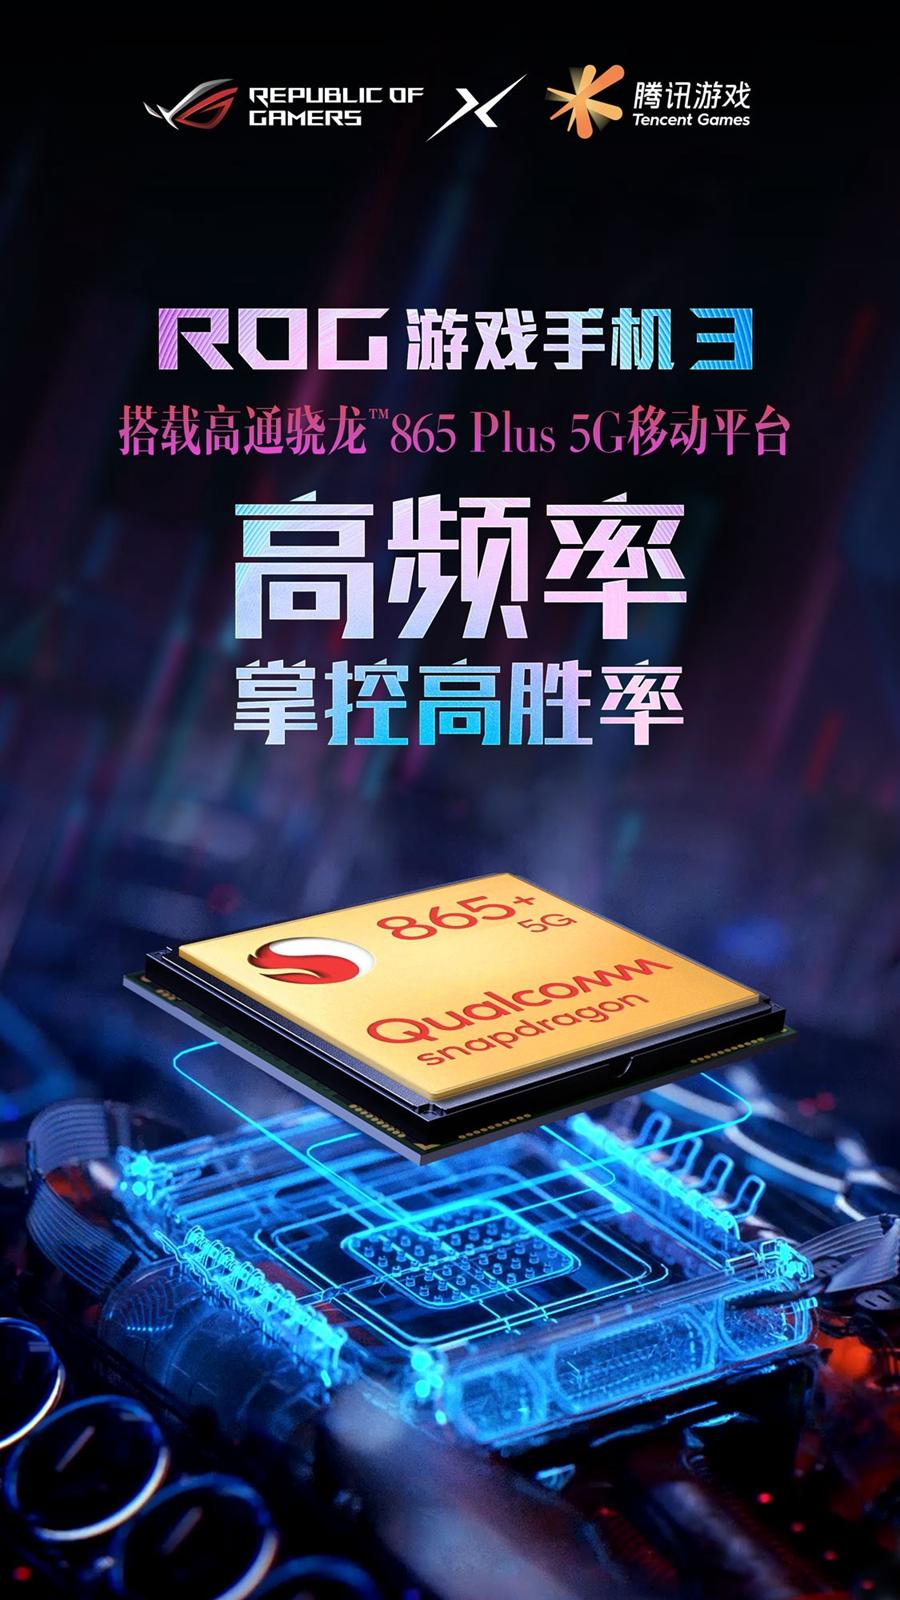 ROG游戏手机3将搭载高通骁龙865 Plus处理器